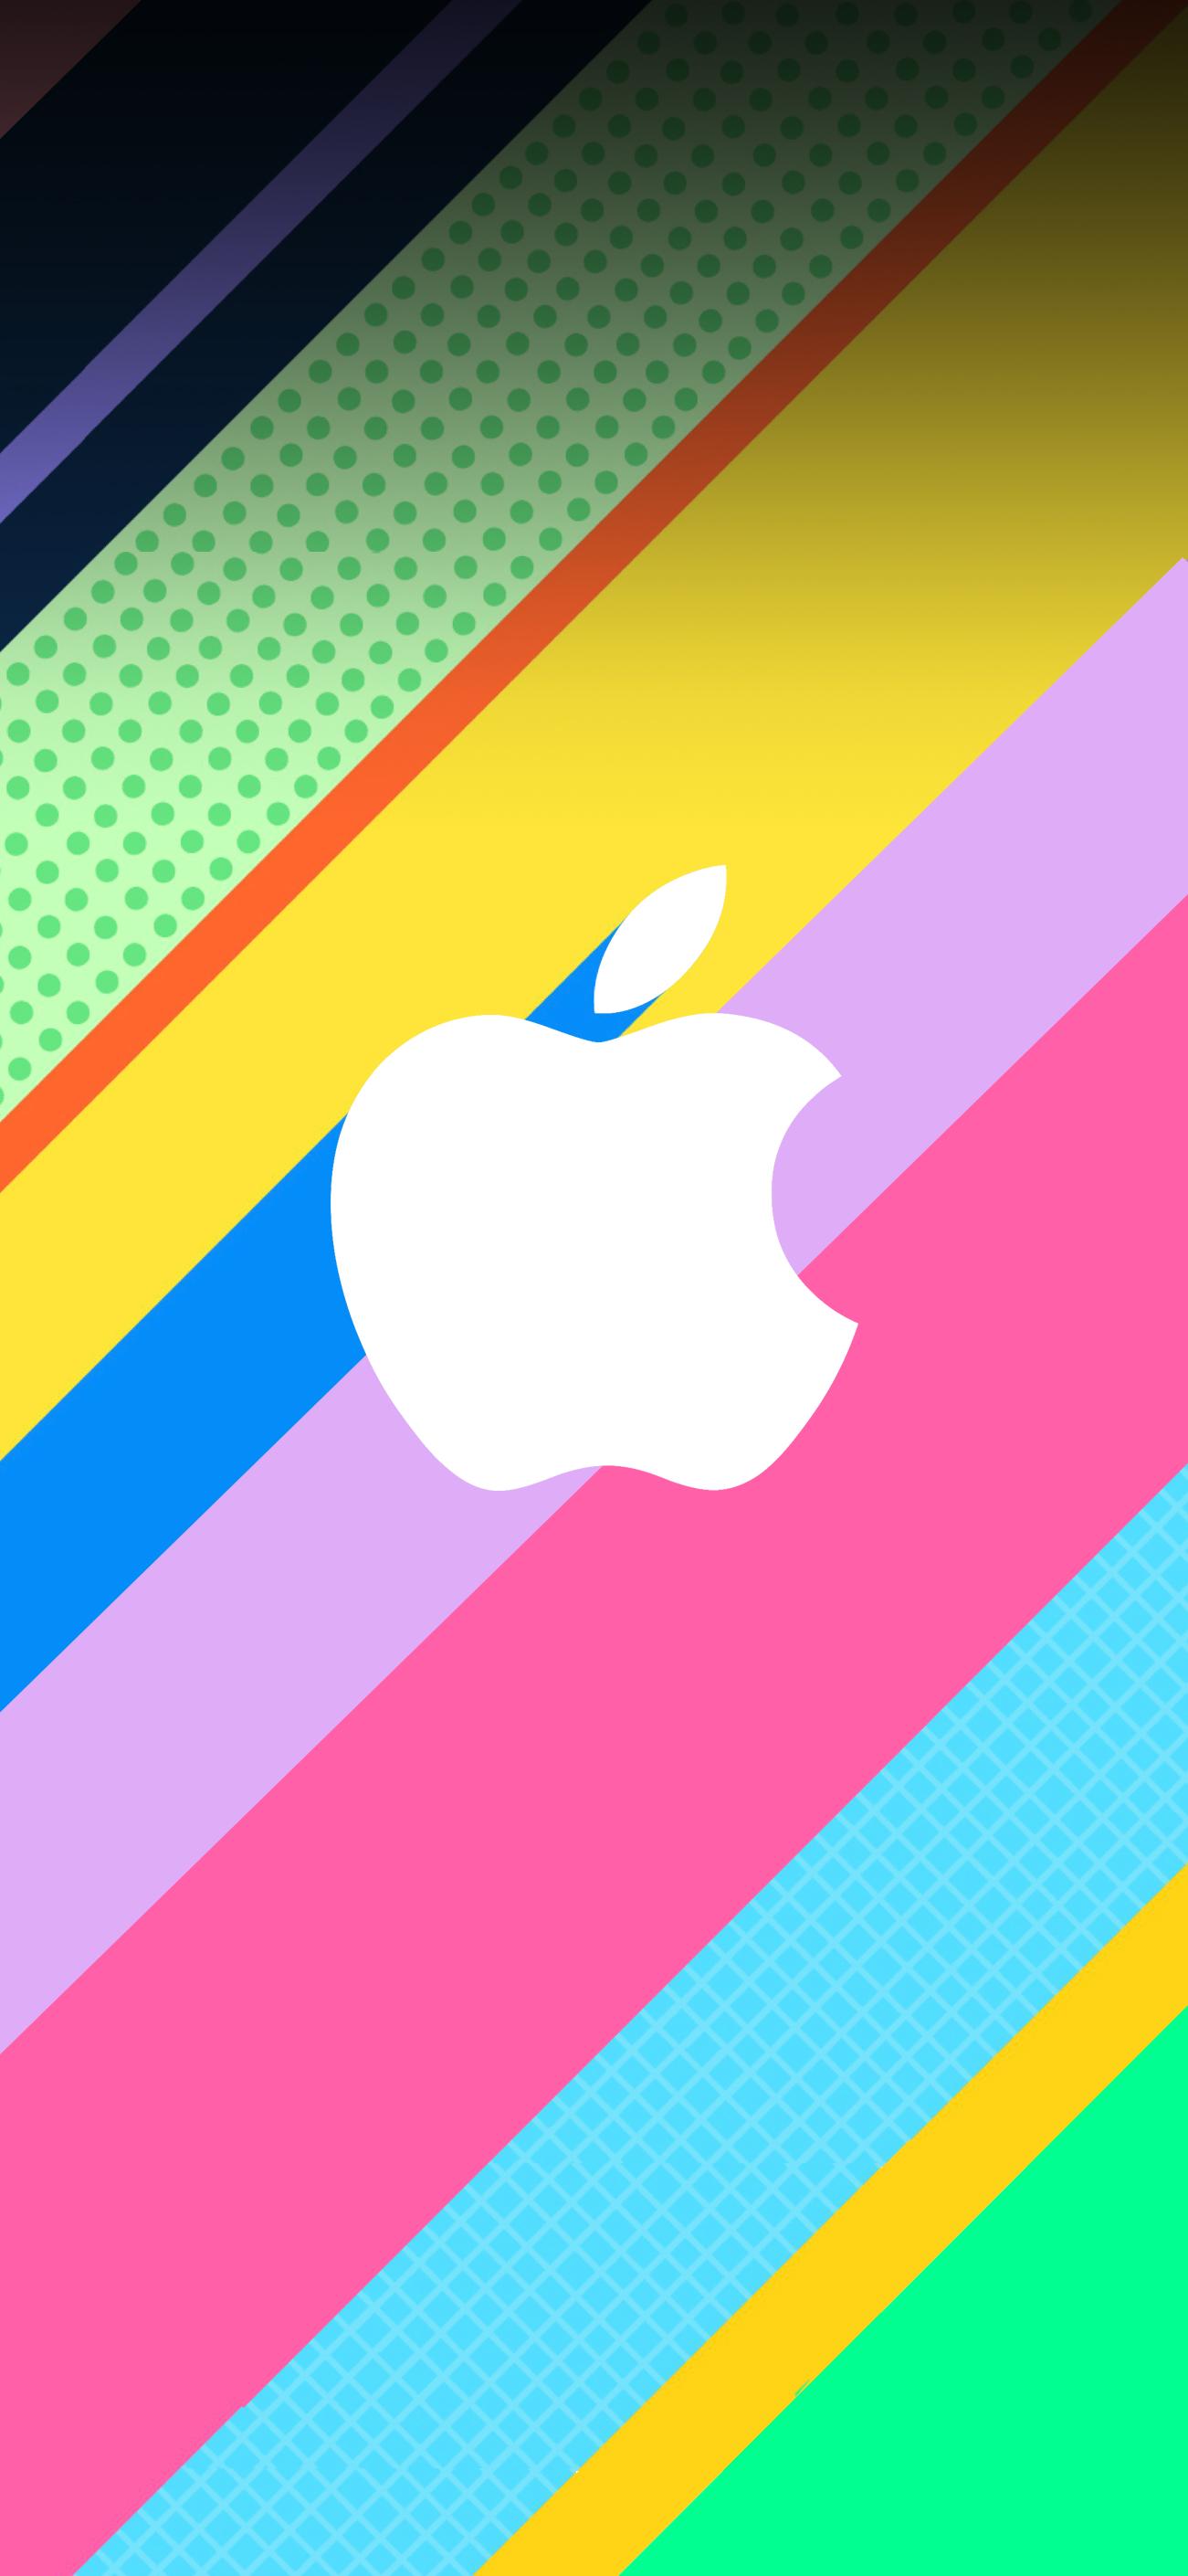 Apple アップルストアコベントガーデンiphone Xs Max壁紙 Iphoneチーズ